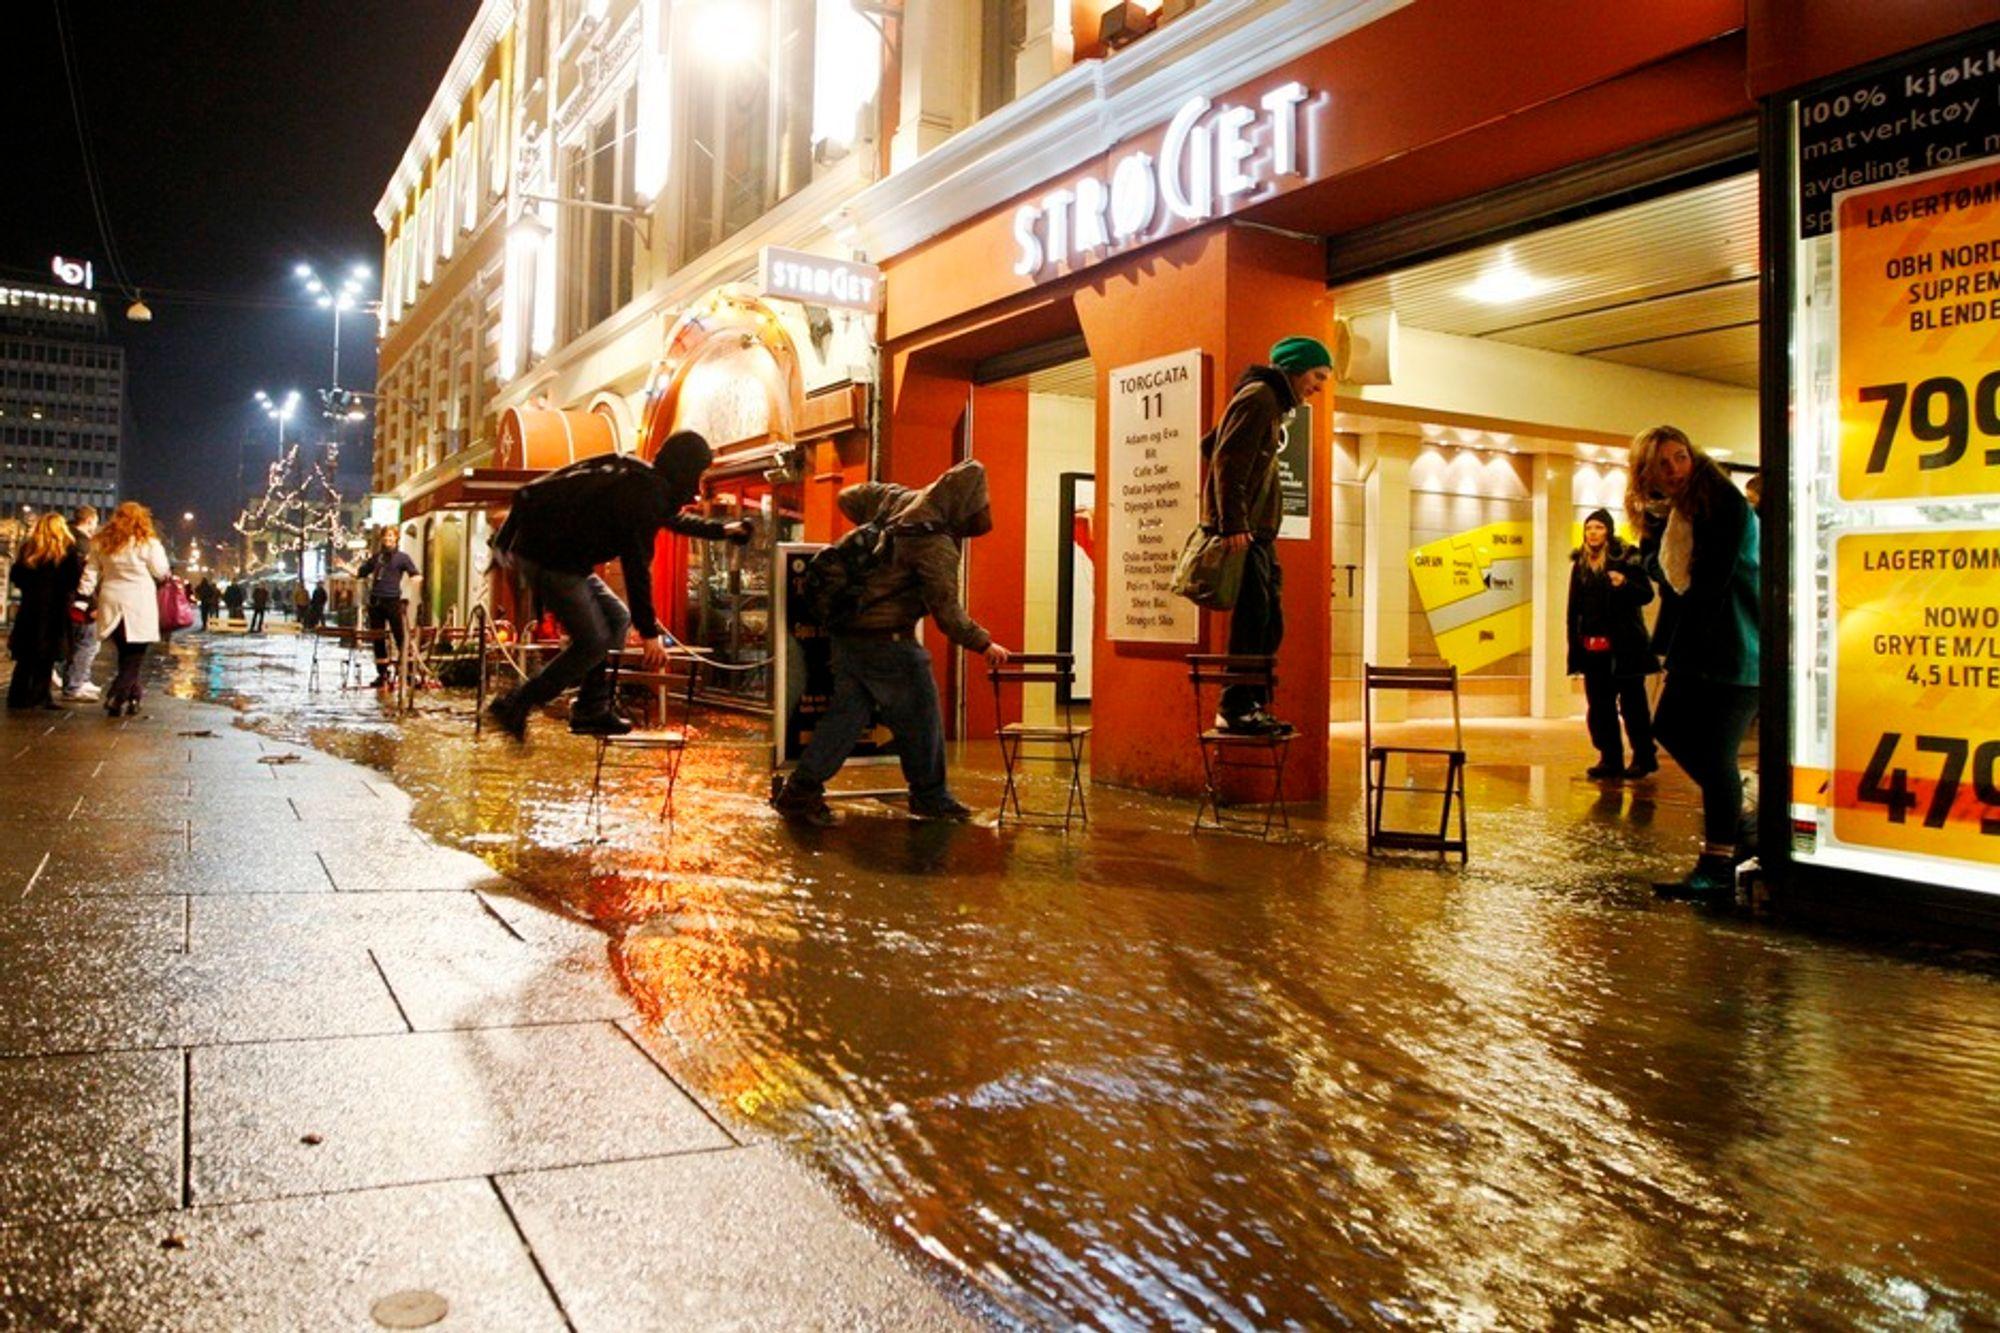 SKADER: Vannlekkasjer gir ofte omfattende skader. Her fra en lekkasje i Torggata i Oslo januar 2009.